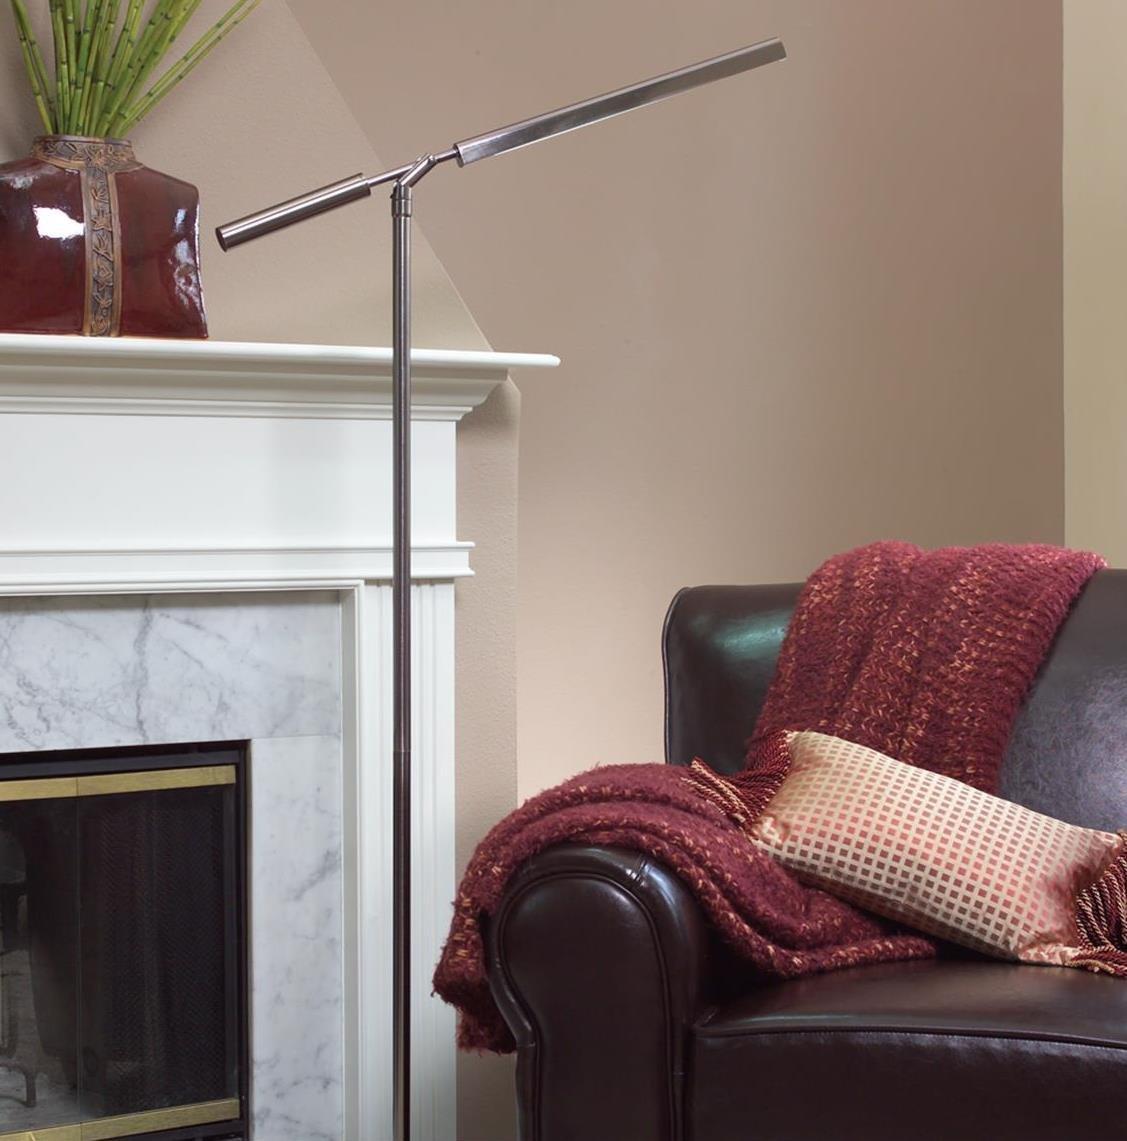 OttLite T92BNT Vero Floor Lamp in Brushed Nickel - Floor Lamps Ott ...